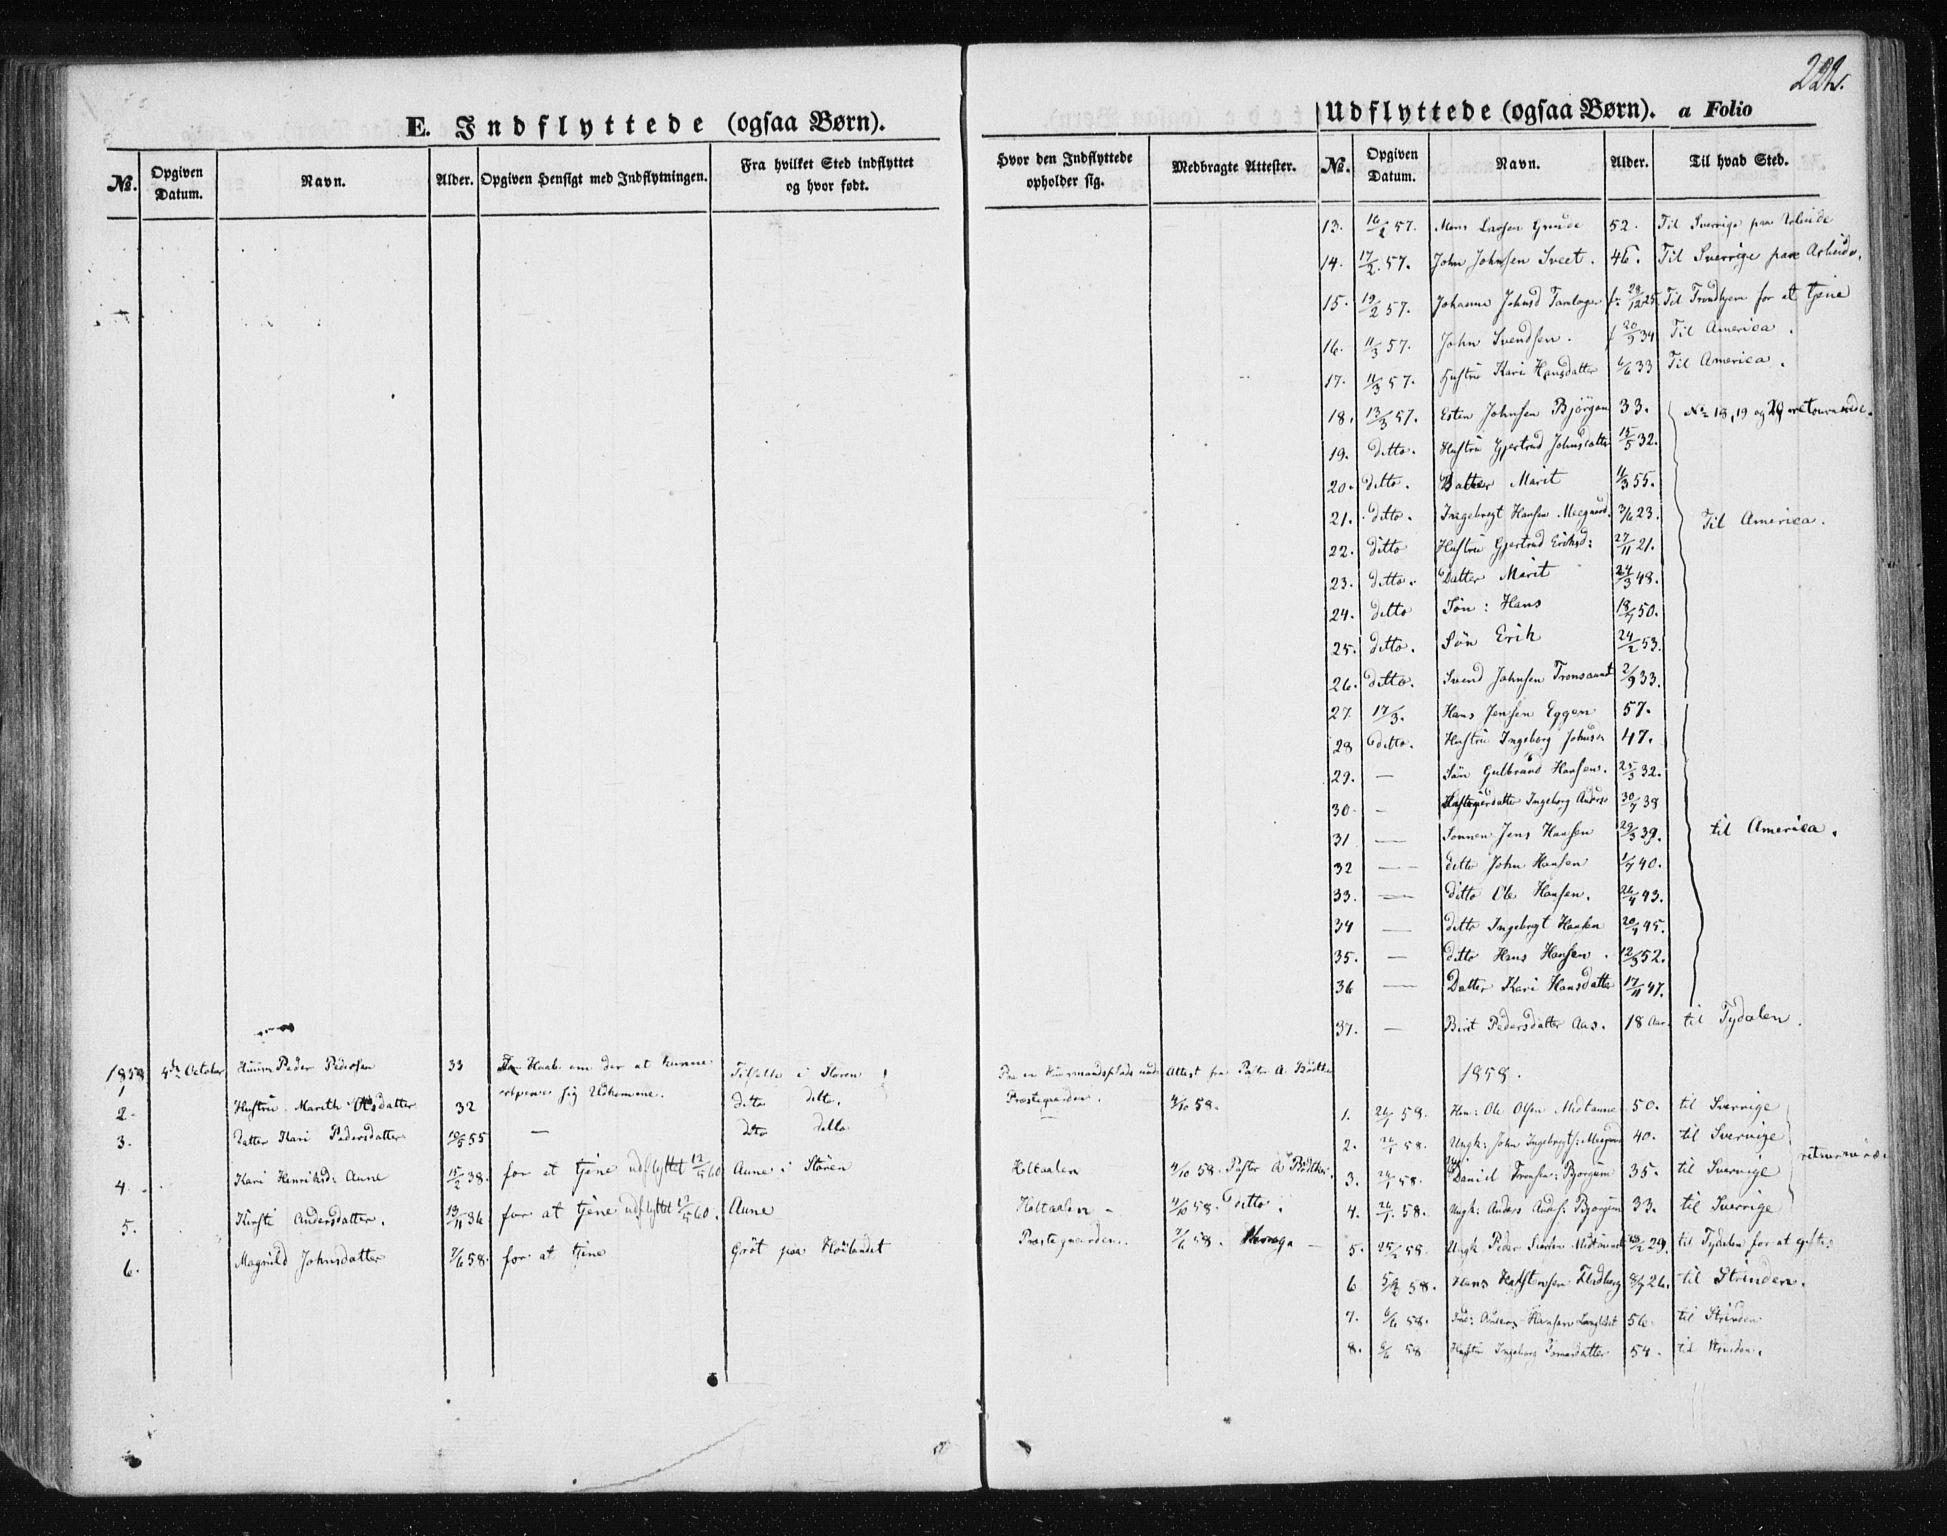 SAT, Ministerialprotokoller, klokkerbøker og fødselsregistre - Sør-Trøndelag, 685/L0963: Ministerialbok nr. 685A06 /1, 1846-1859, s. 222